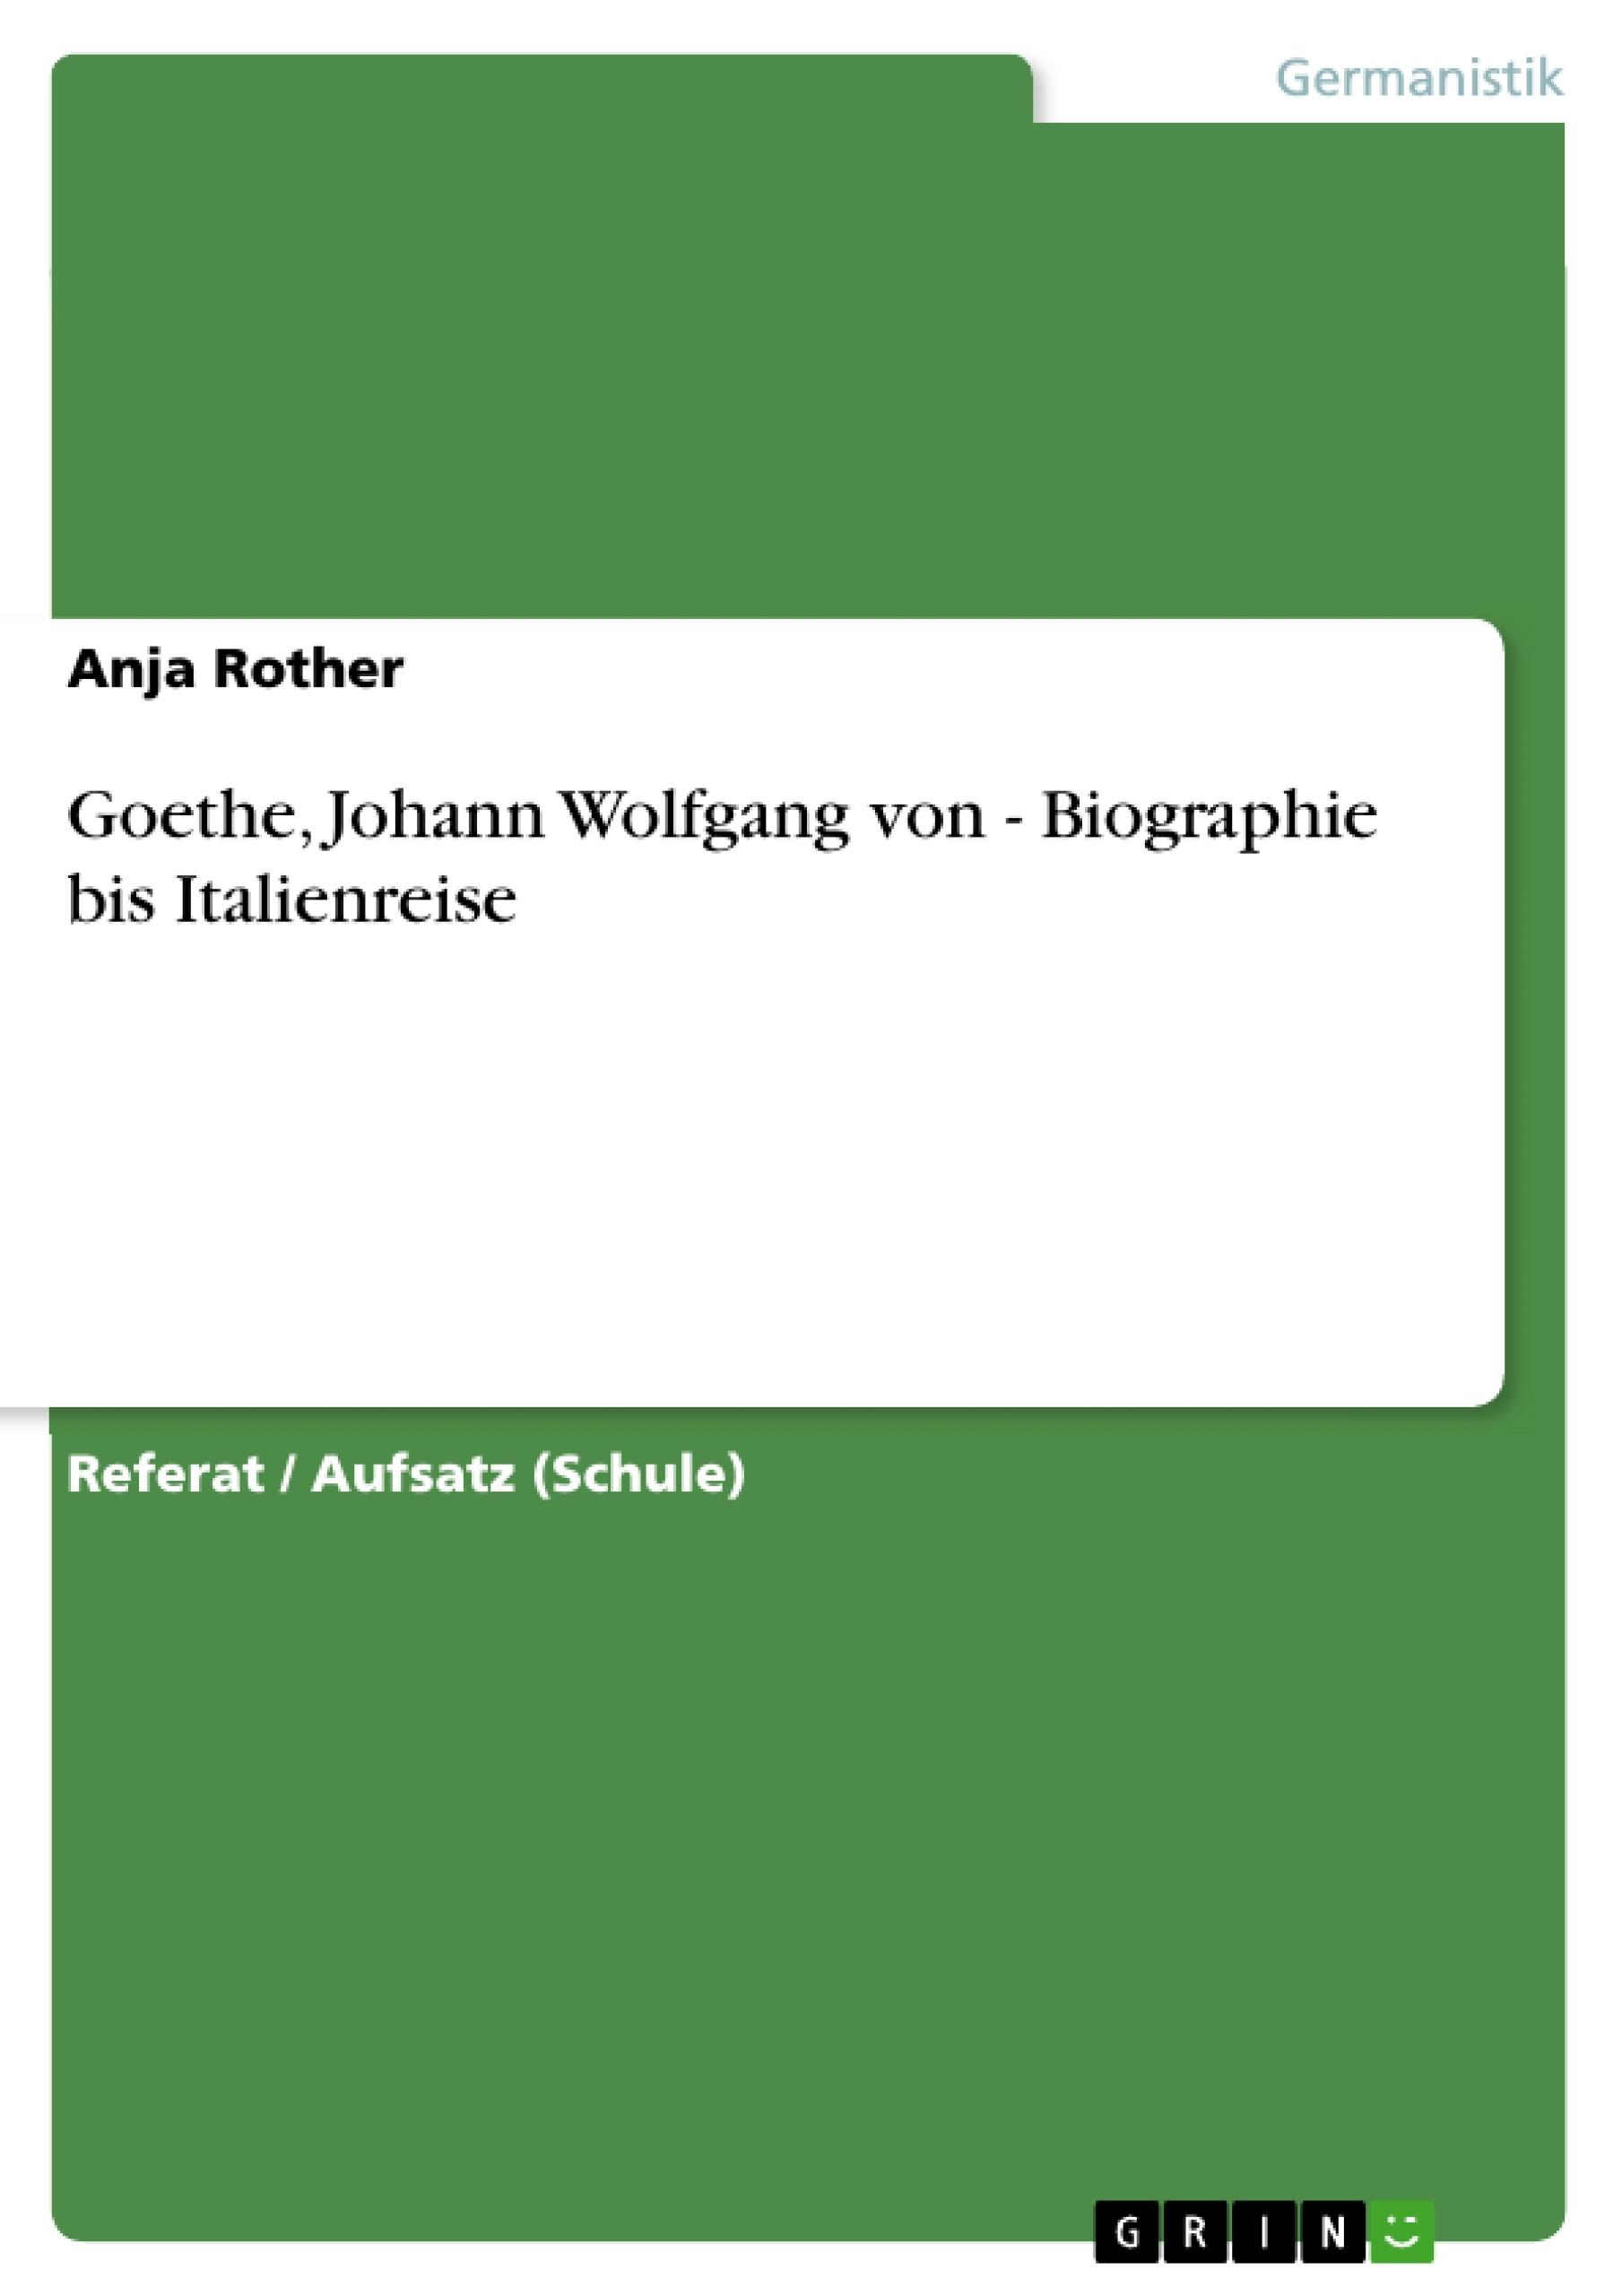 Titel: Goethe, Johann Wolfgang von - Biographie bis Italienreise